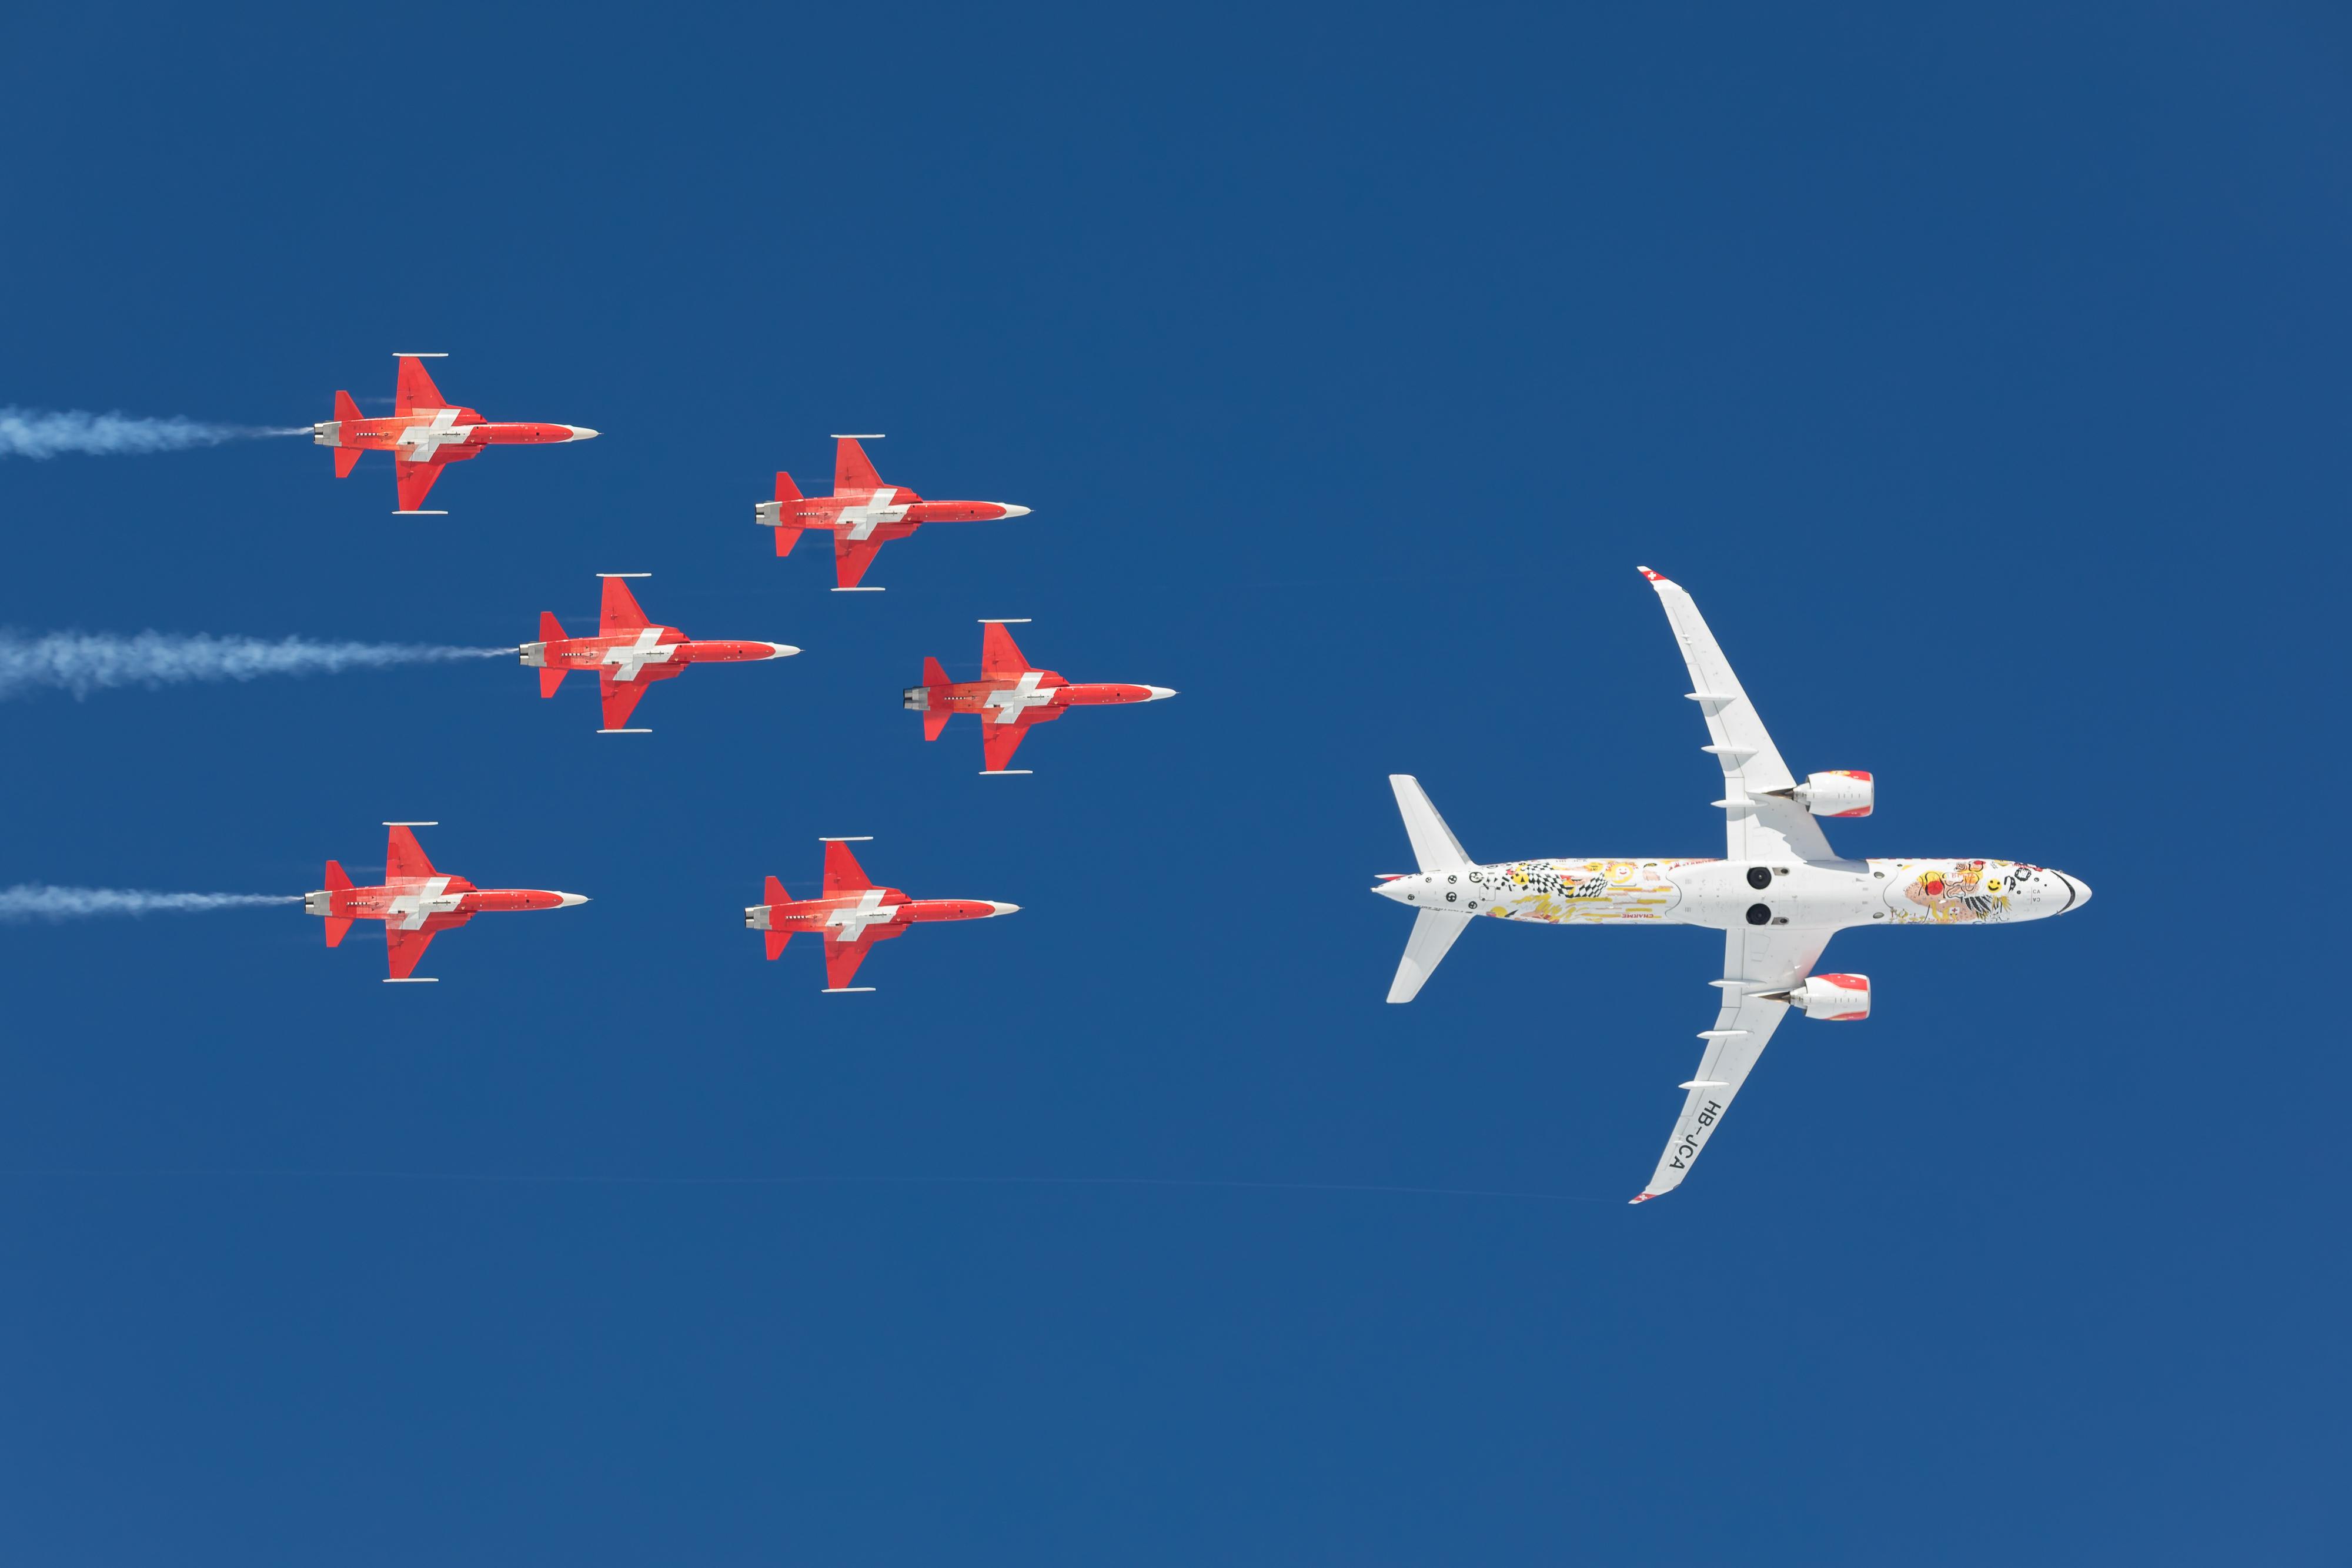 Swiss er blandt de mange flyselskaber ved årets to PATA Worldwide Workshops i Aarhus og København. Her er Swiss i formation med opvisningsteamet fra Patrouille Suisse. Arkivfoto.